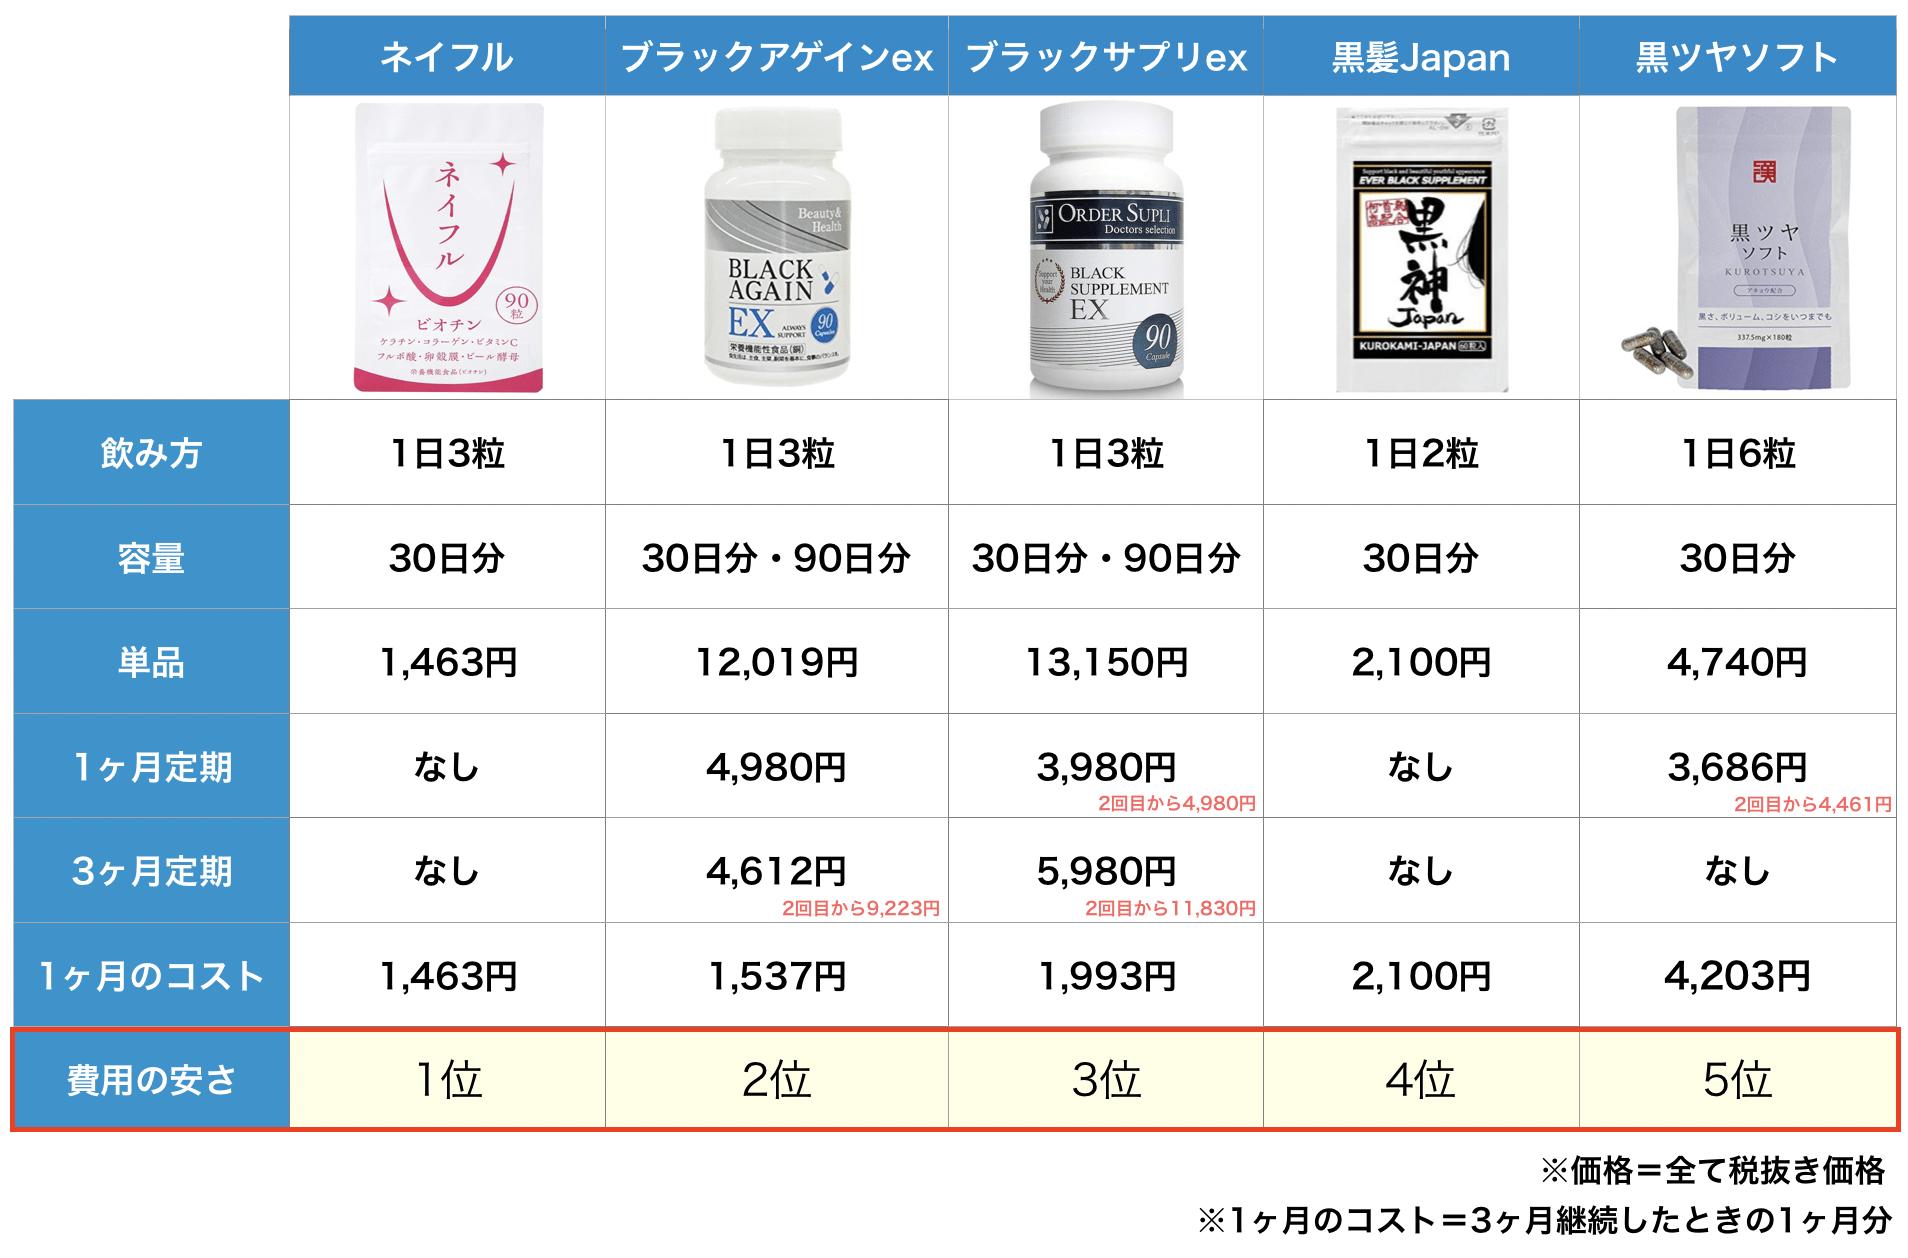 ブラックサプリex・黒髪Japan・黒ツヤソフト・ブラックアゲインex・ネイフルを比較2